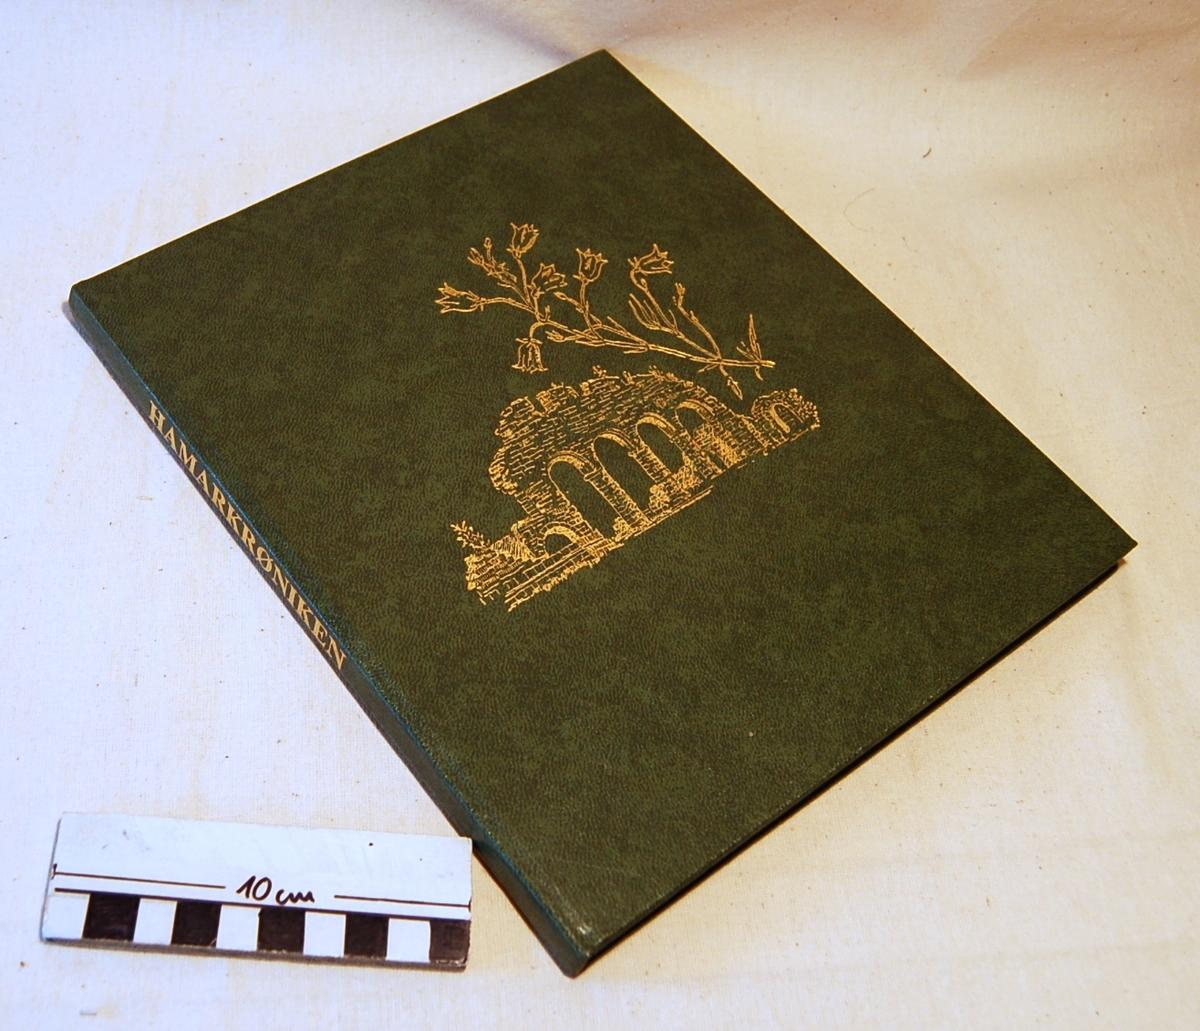 På bokens forside motiv av Domkirkeruinen i gulltrykk